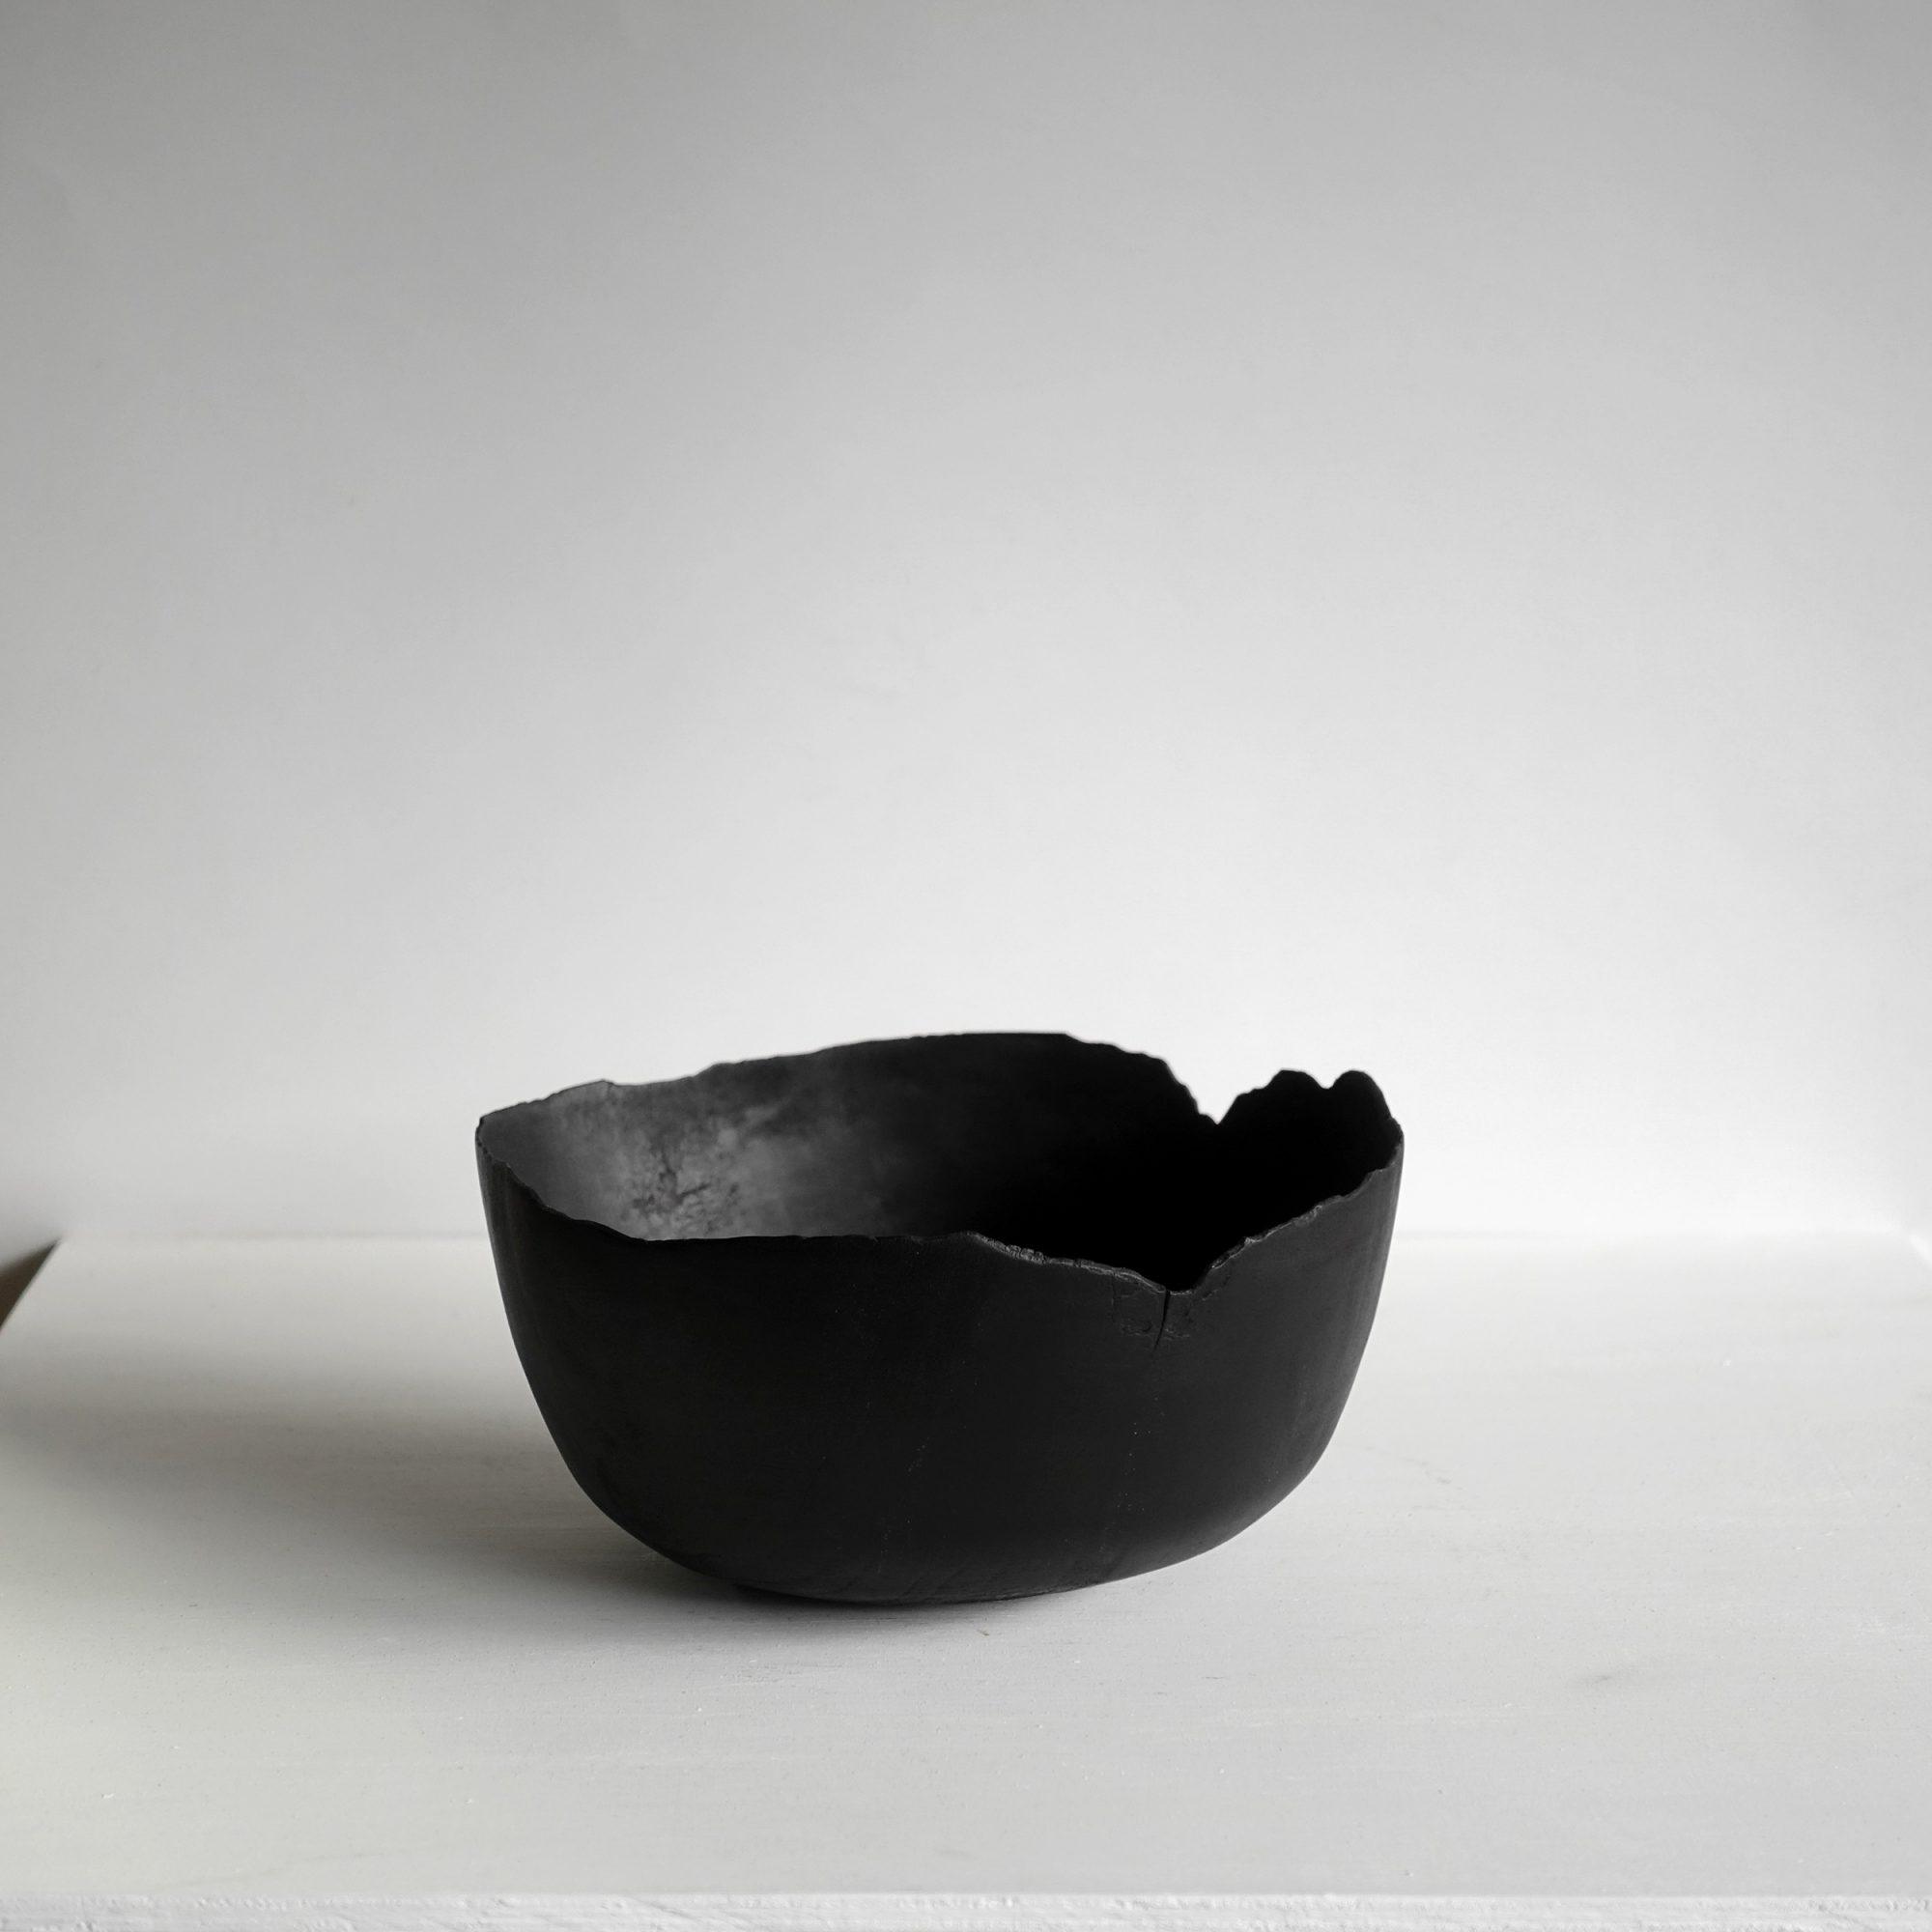 Thin black bowl 2